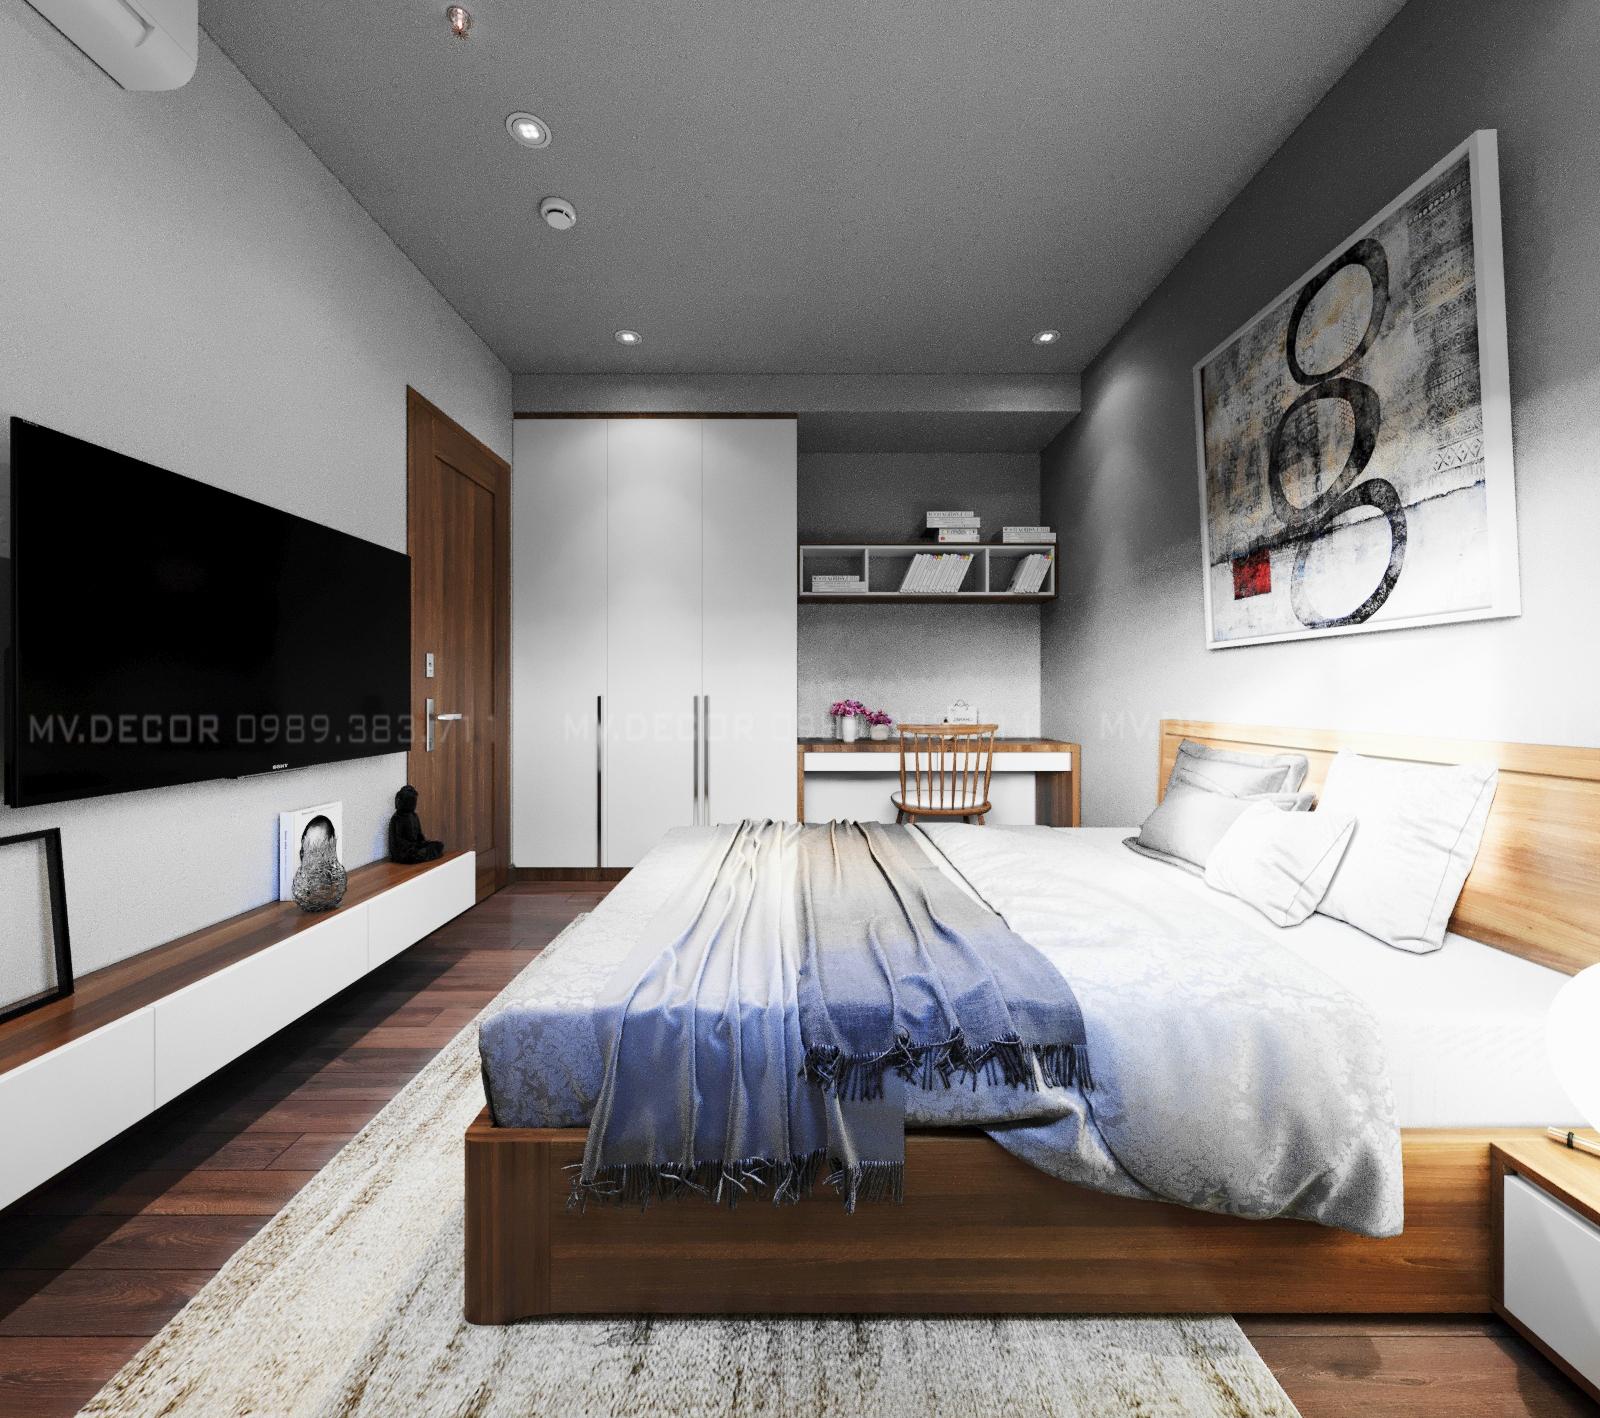 thiết kế nội thất Khách Sạn tại Hải Phòng căn hộ khách sạn cho thuê  8 1562943966